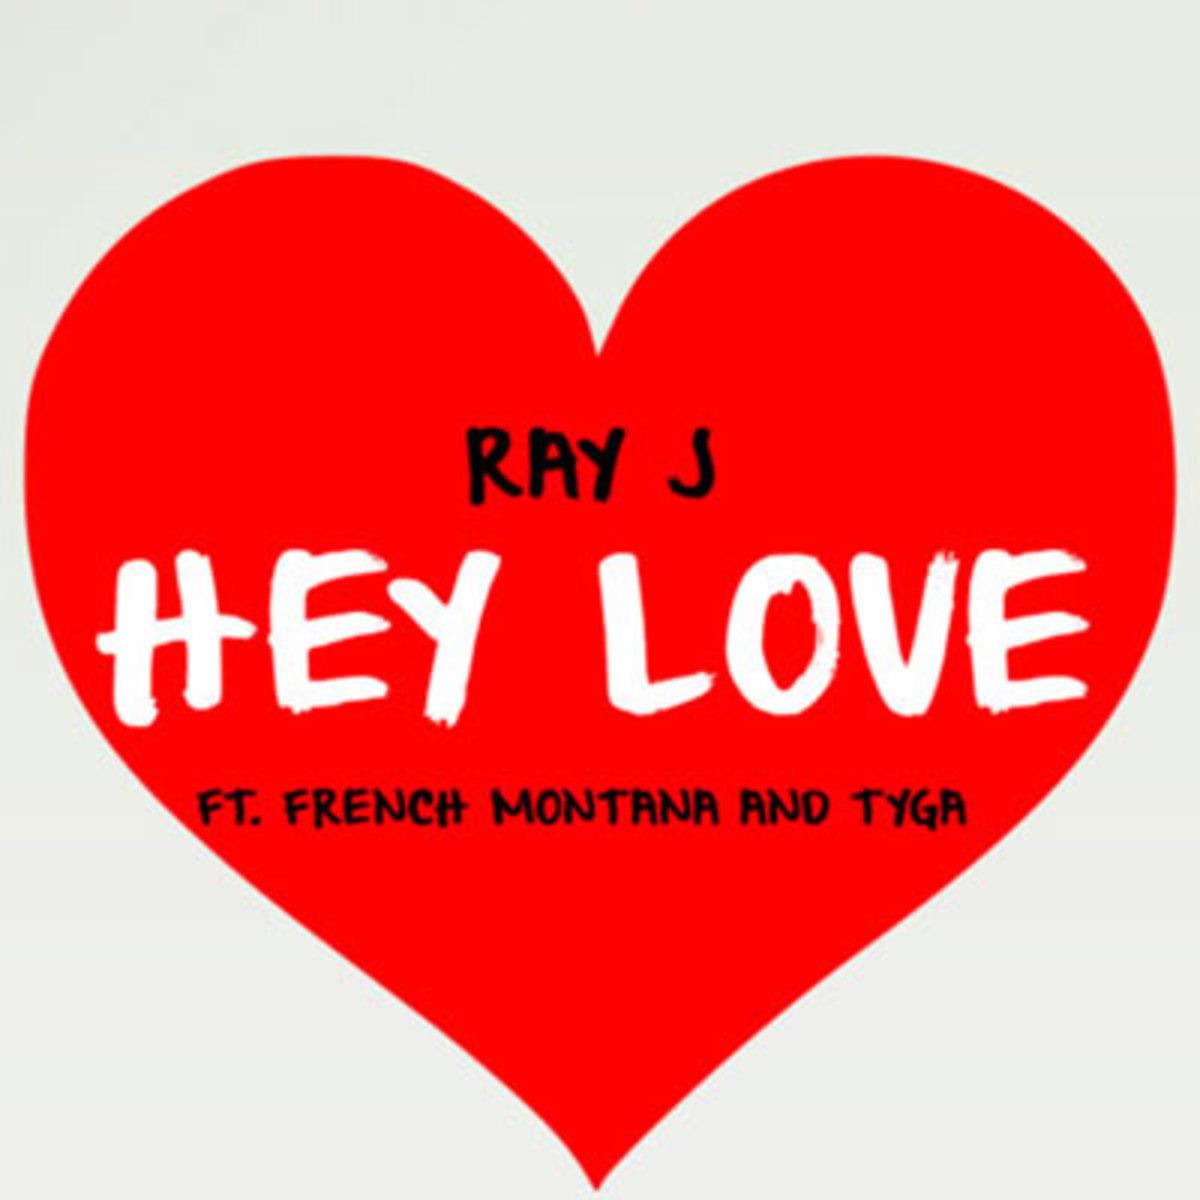 rayj-heylove.jpg